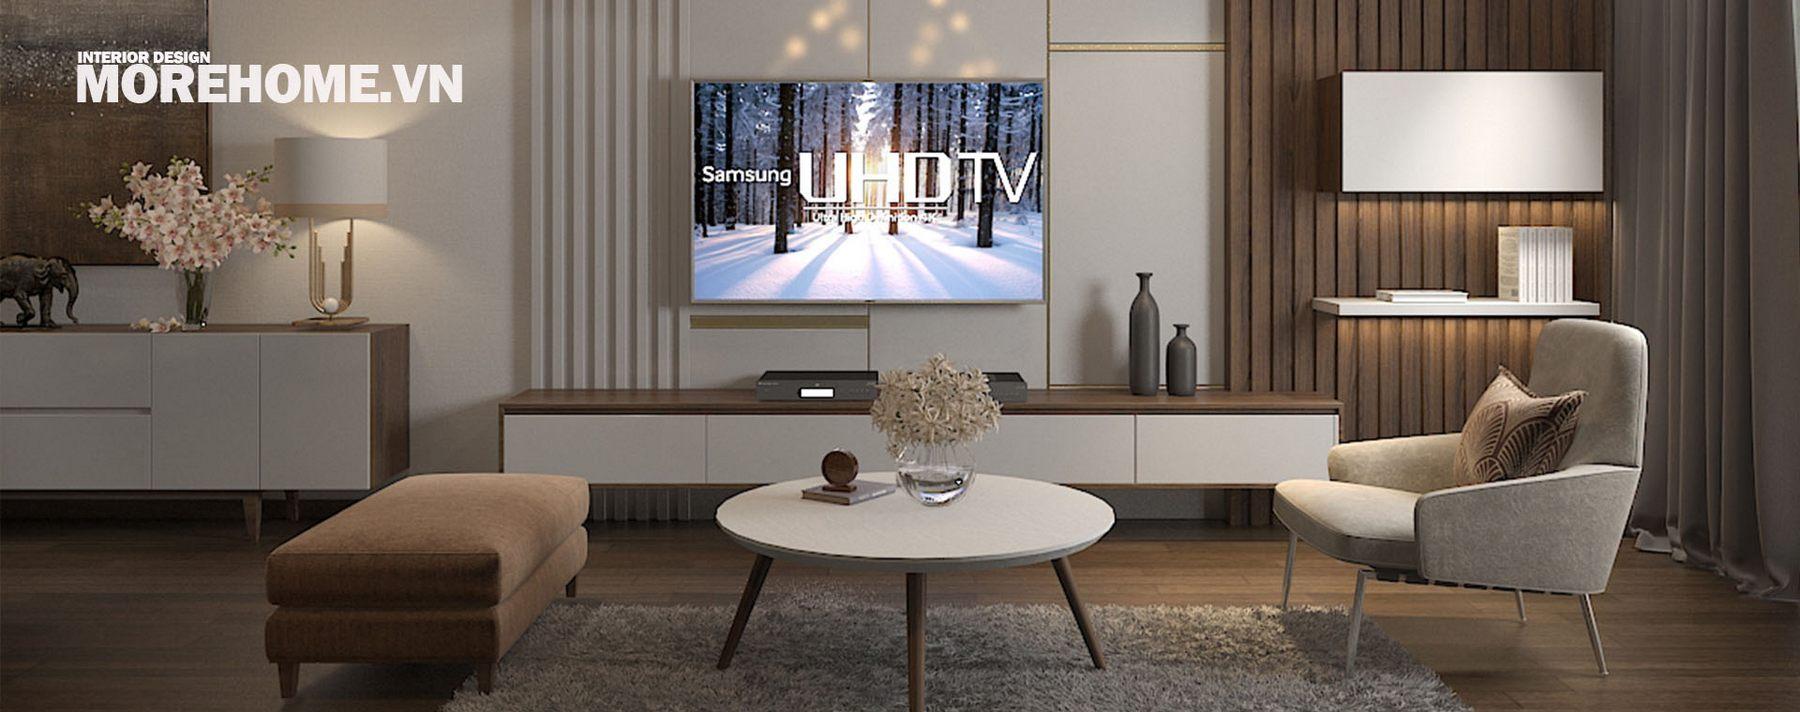 Thiết kế nội thất phòng khách chung cư Ngoại Giao Đoàn, Bắc Từ Liêm, Hà Nội